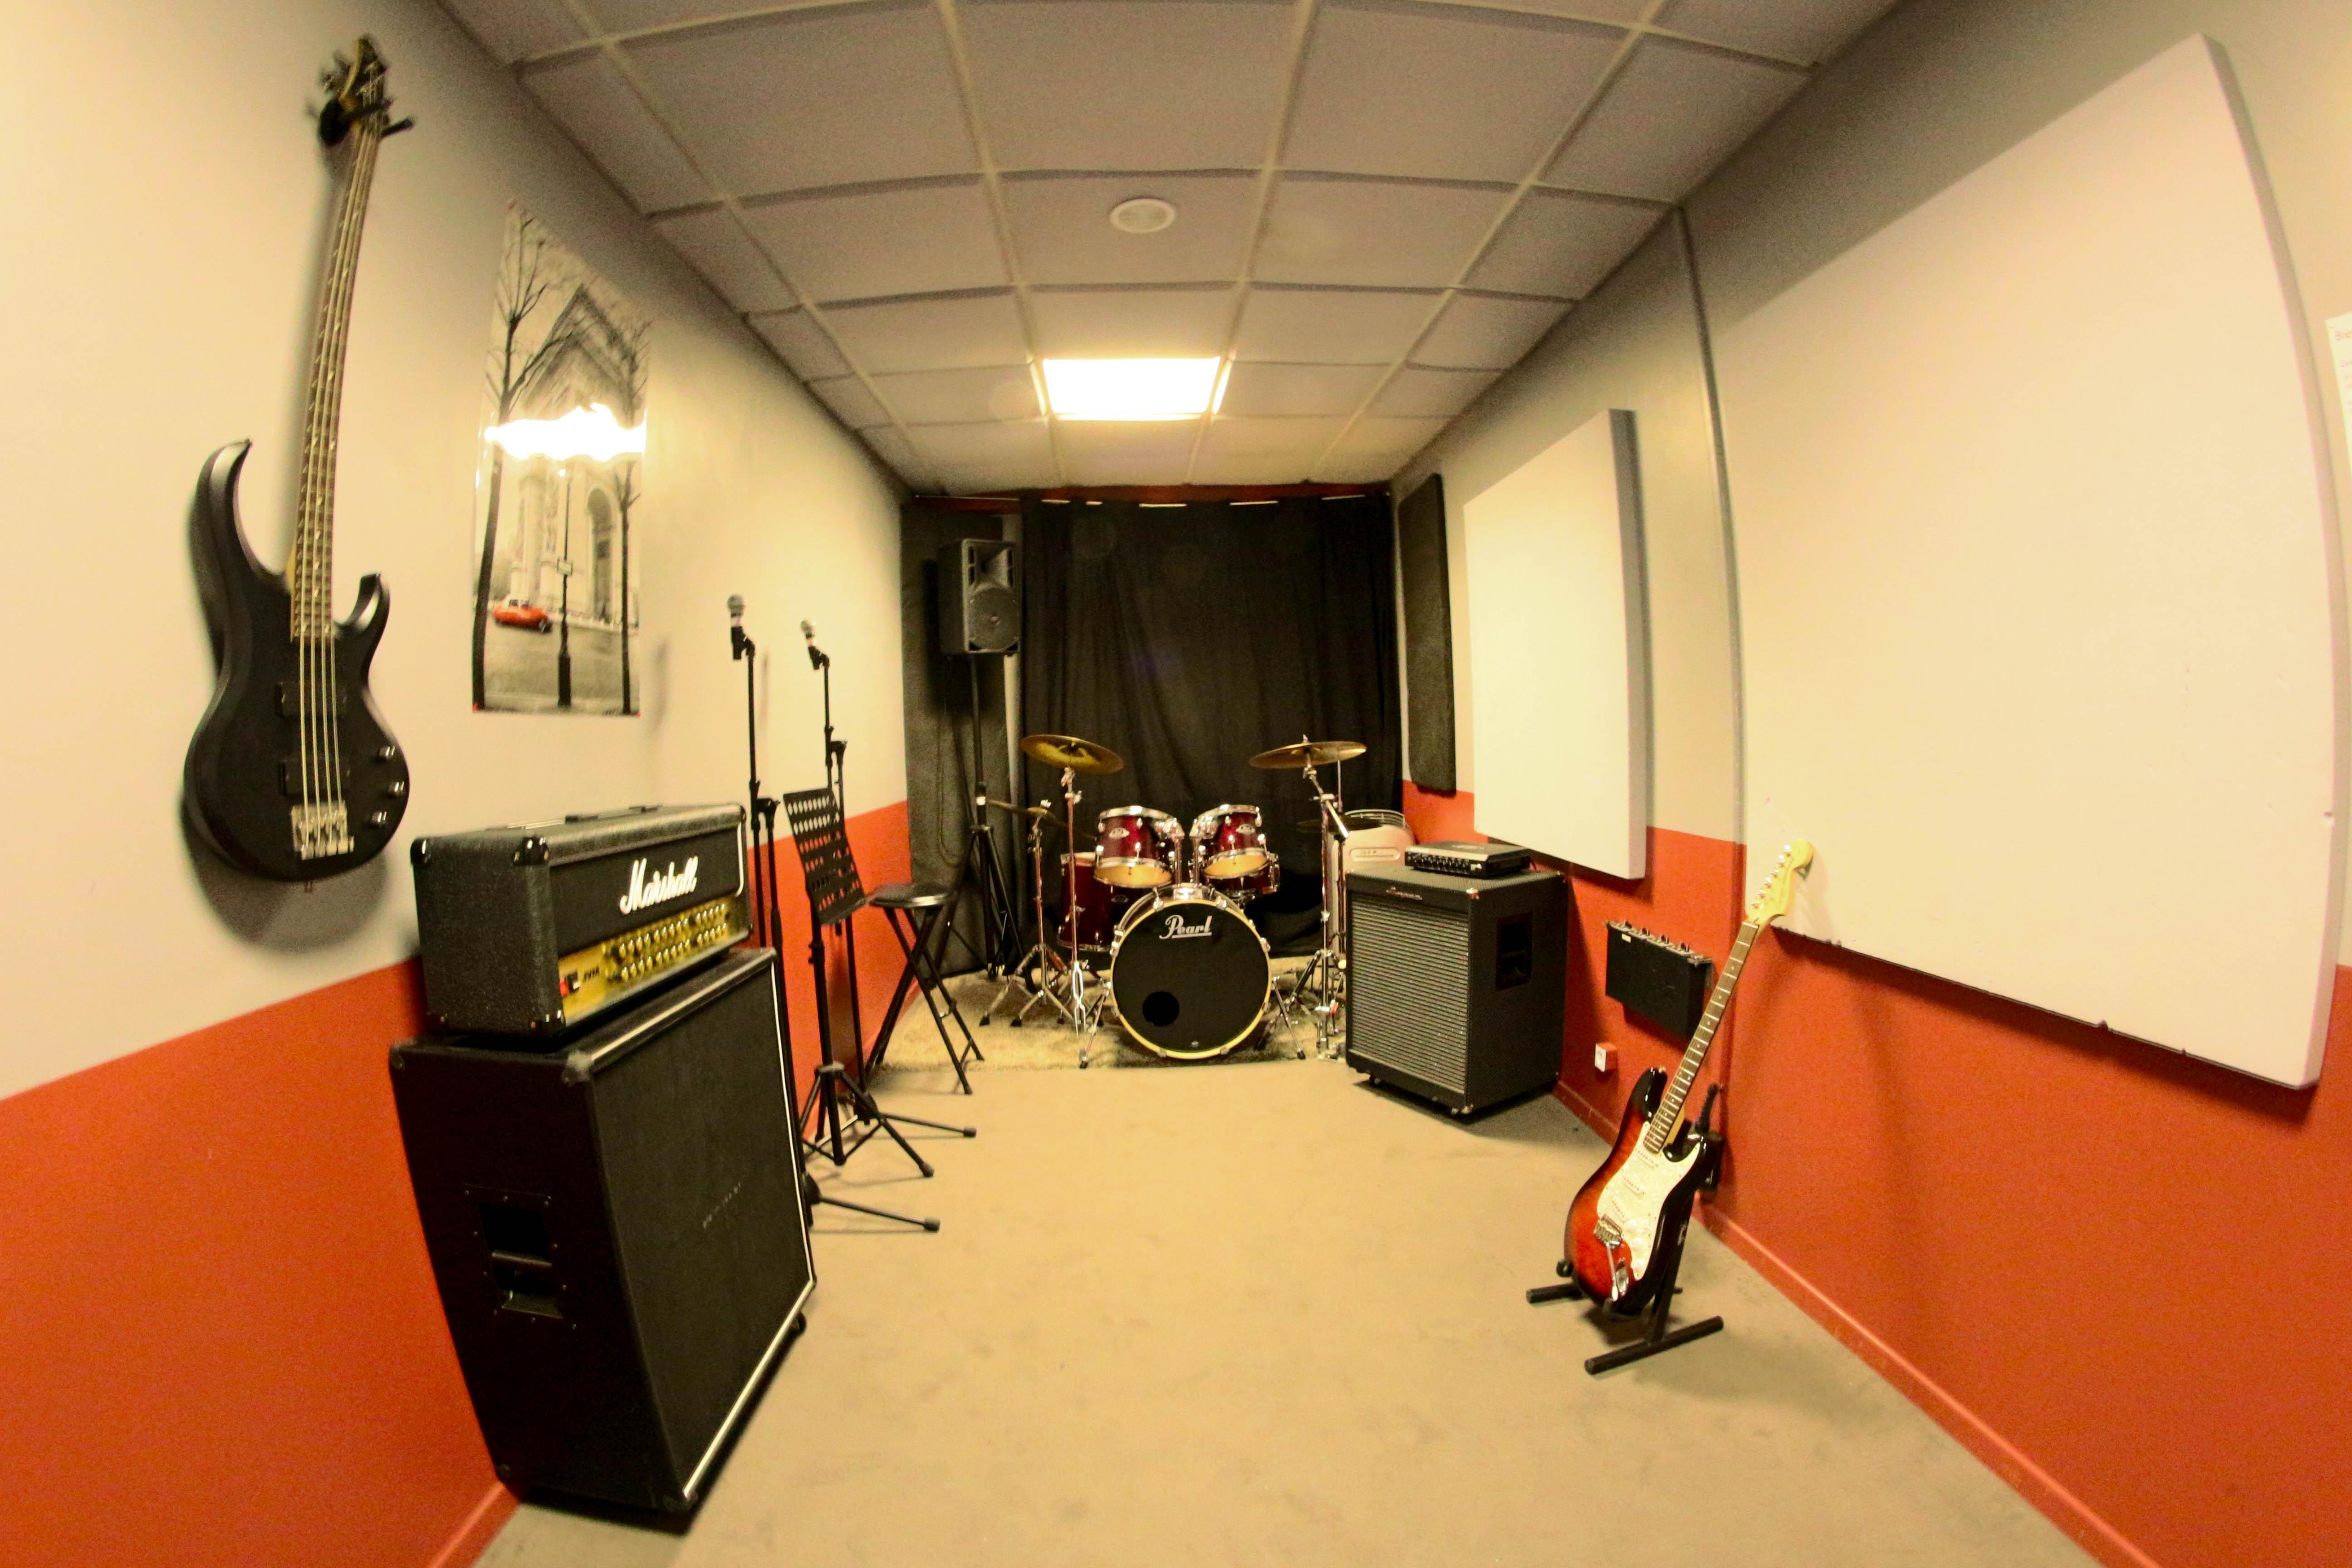 Salles et acoustique studio replug - Absorbeur de bruit ...